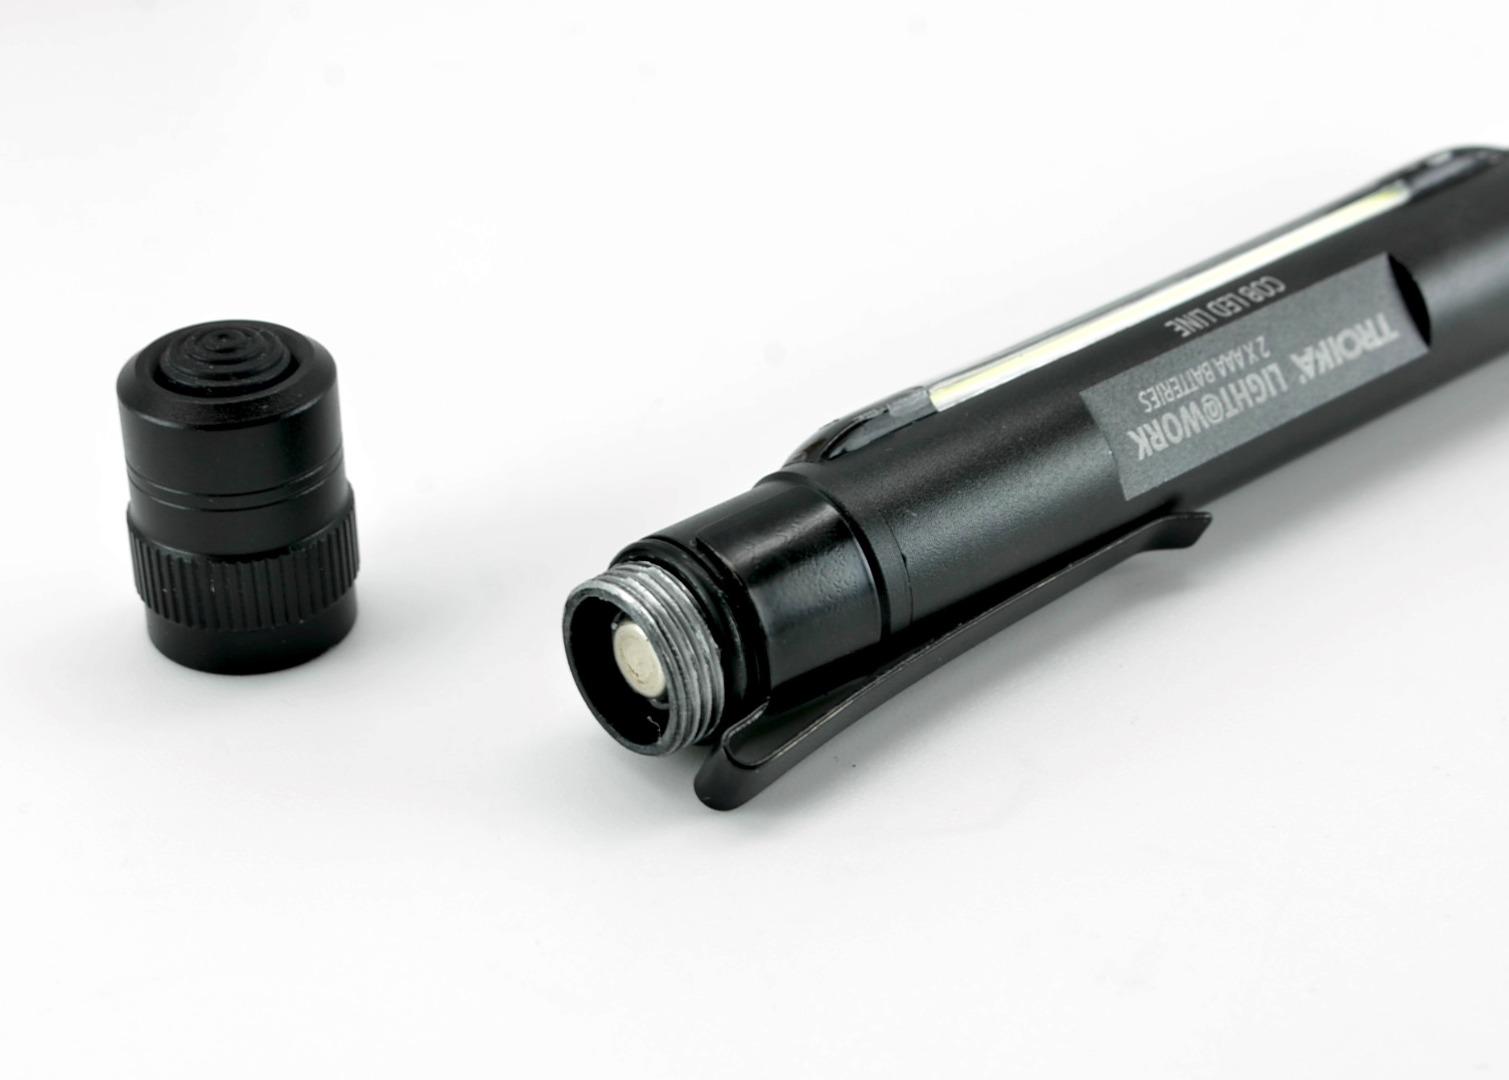 LED-Taschenlampe LIGHT WORK - Schwarz - 7